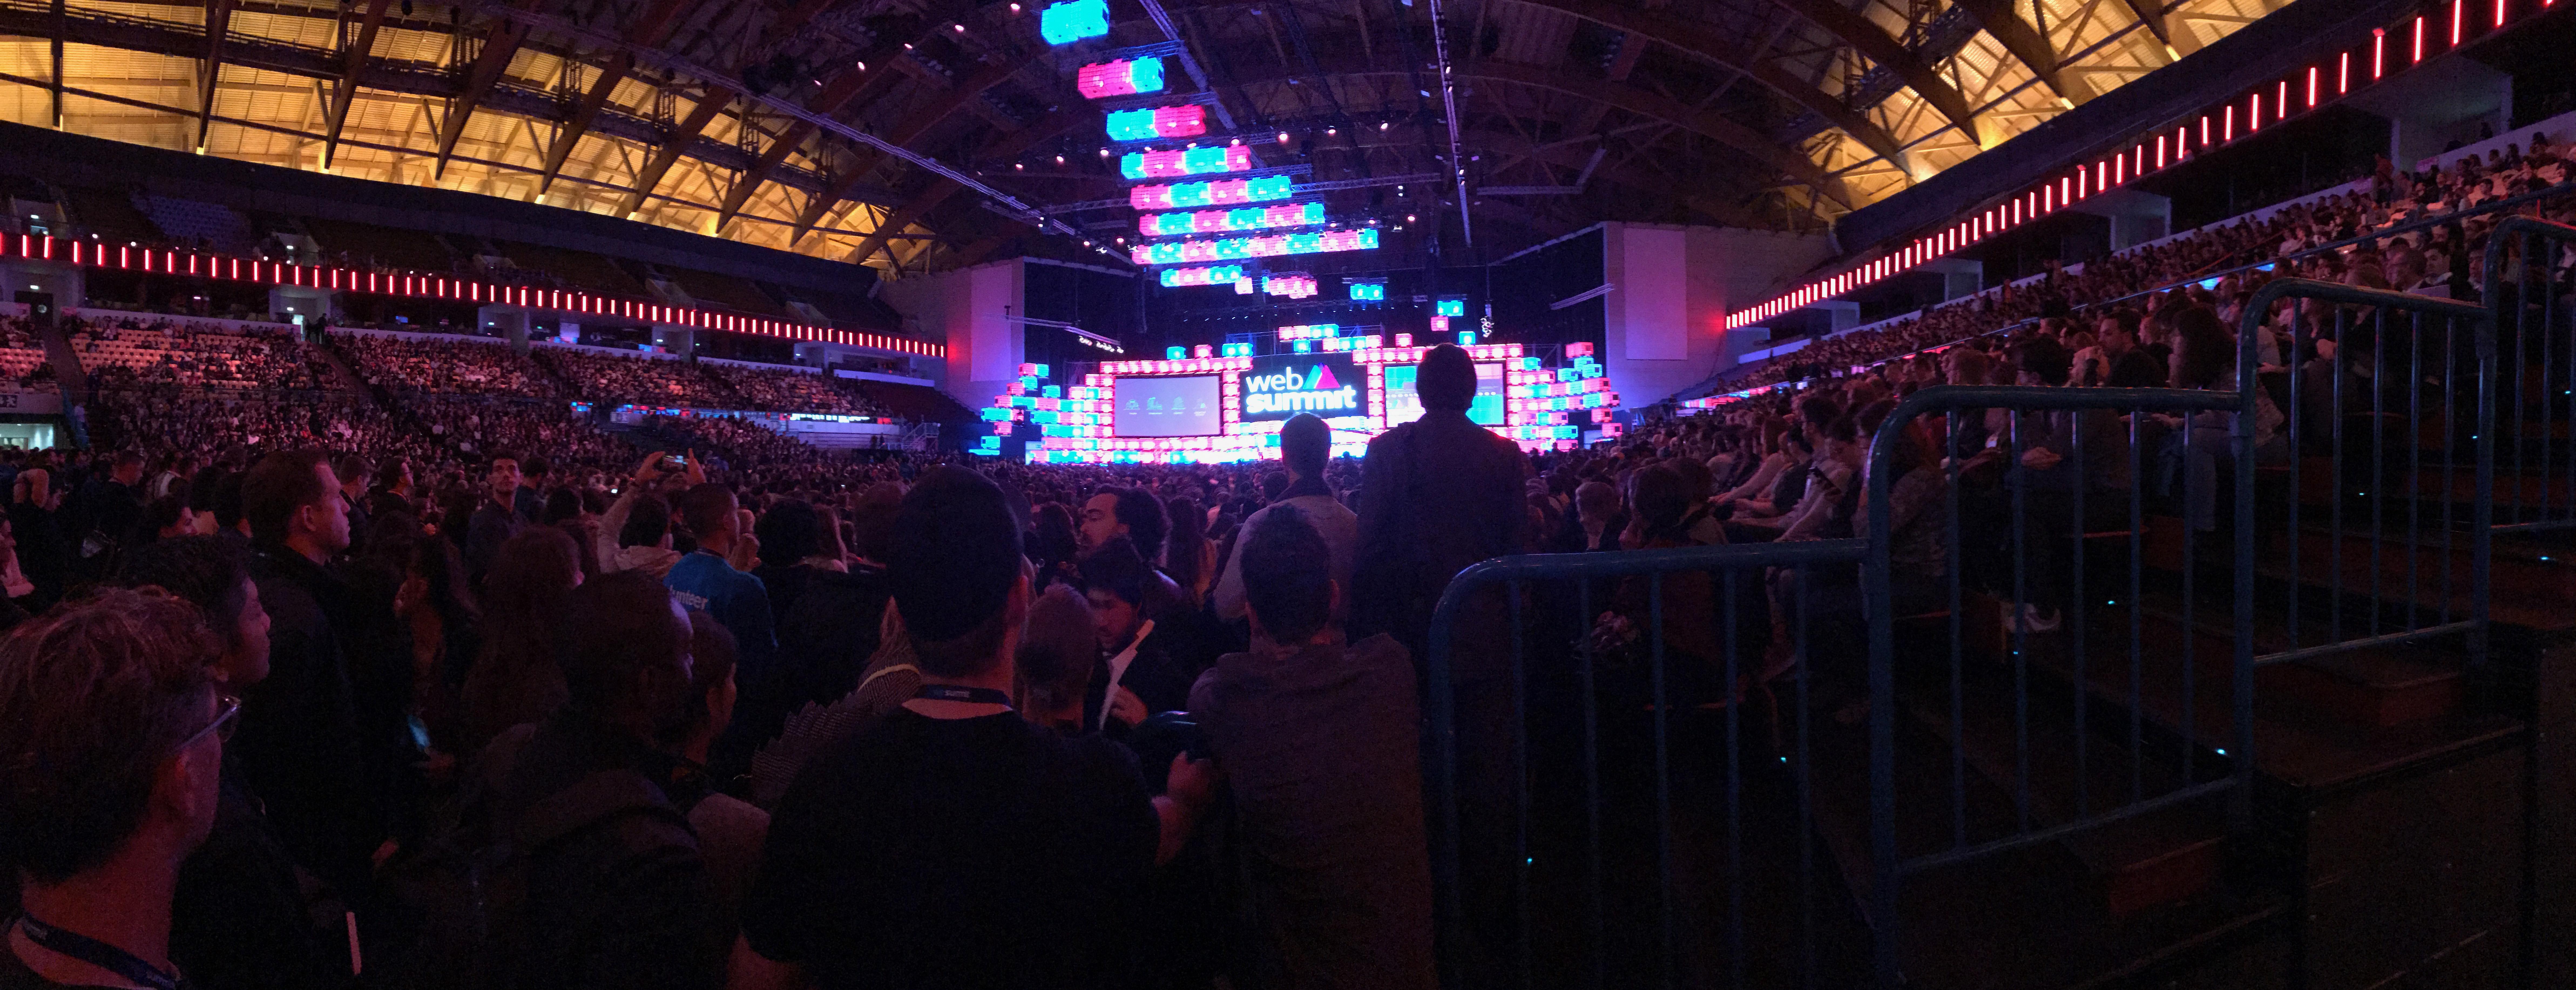 Foto de uma arena, repleta de pessoas sentadas e em pé. Ao fundo, as luzes de palco em rosa e azul.